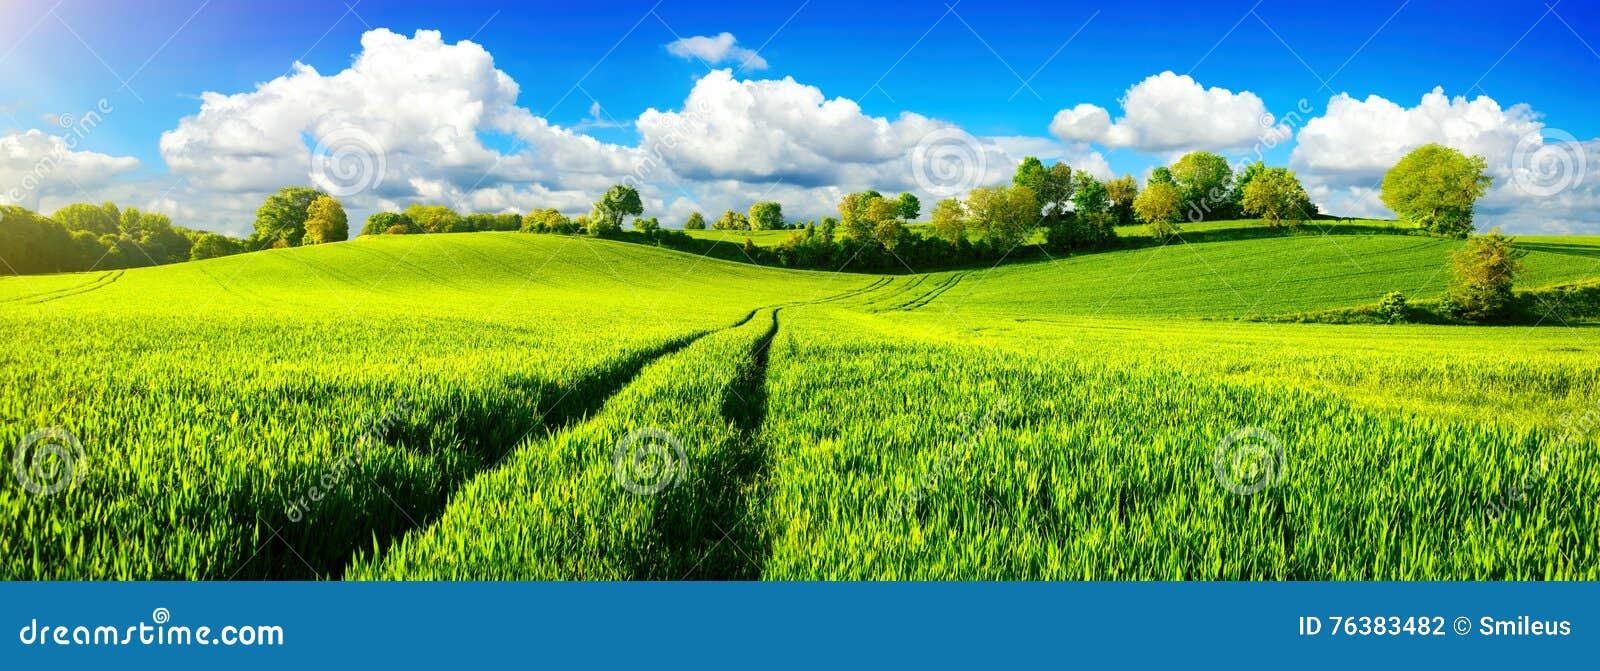 与充满活力的蓝天的田园诗绿色领域